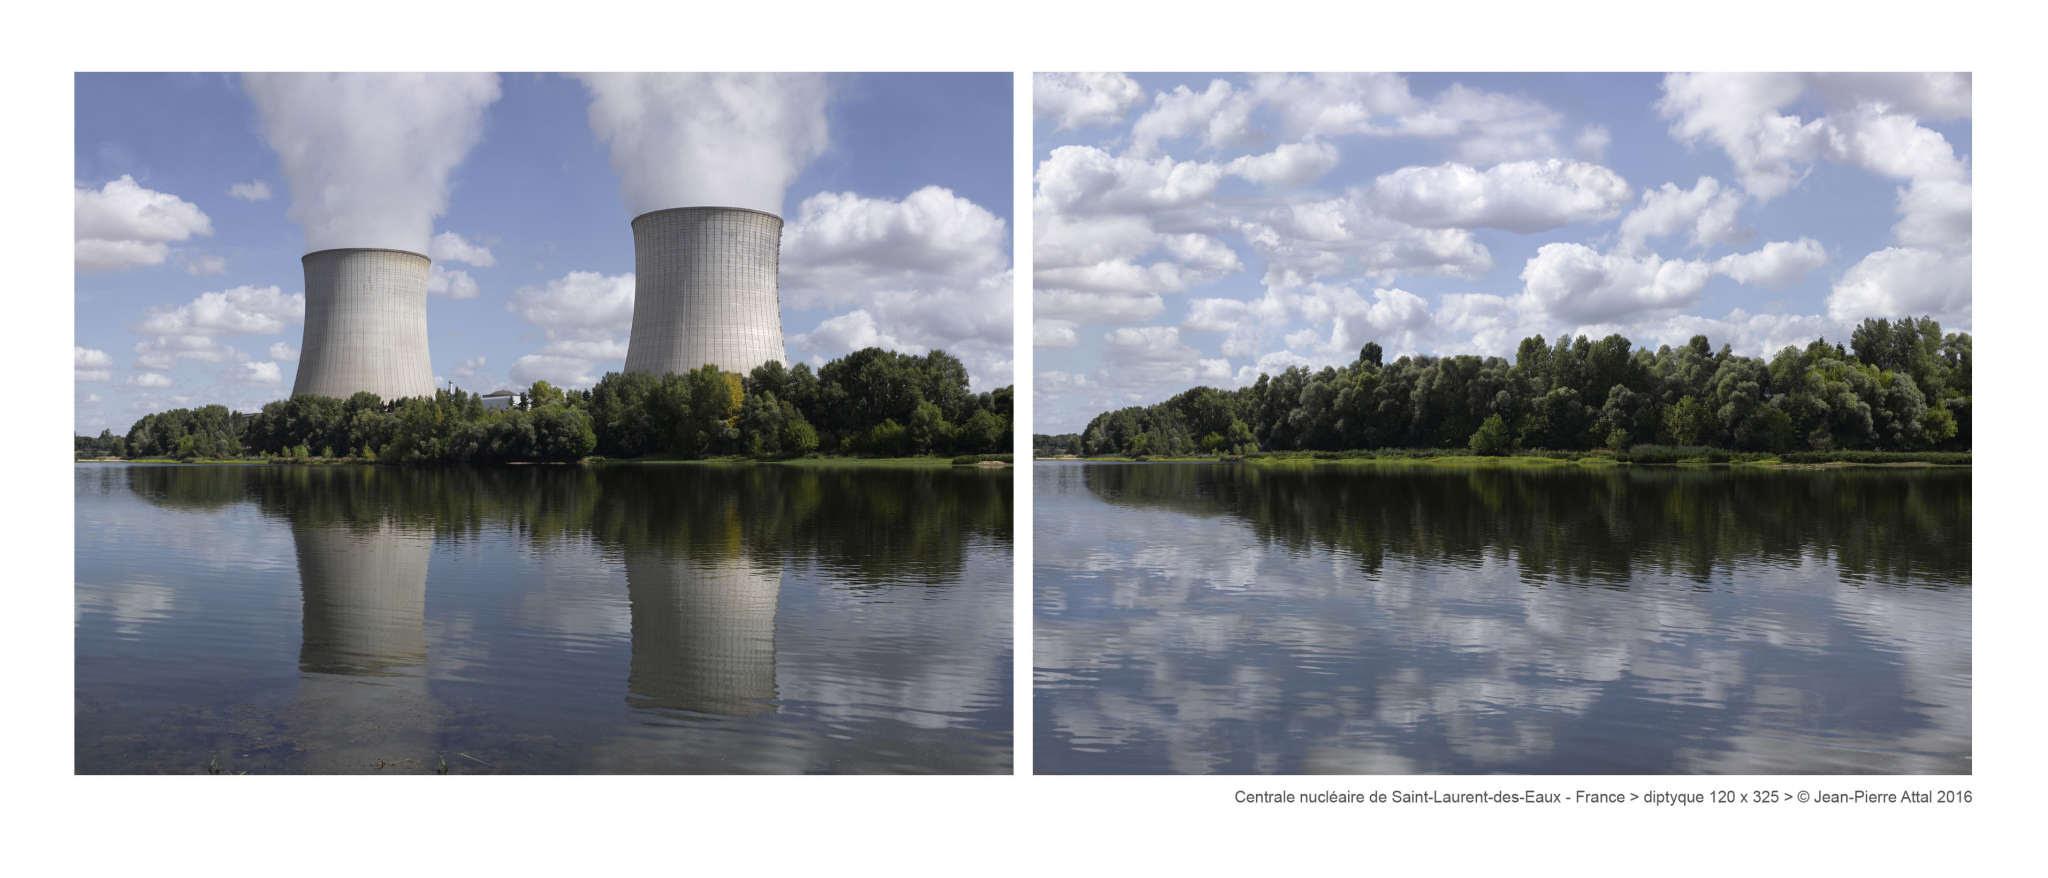 Centrale nucléaire de Saint-Laurent-des Eaux: à gauche une photo « normale », un enregistrement d'un paysage avec la centrale. A droite : une photo « fictionnelle », retravaillée numériquement, pour illustrer l'idée : « à quoi ressemblerait ce même paysage sans la centrale ».